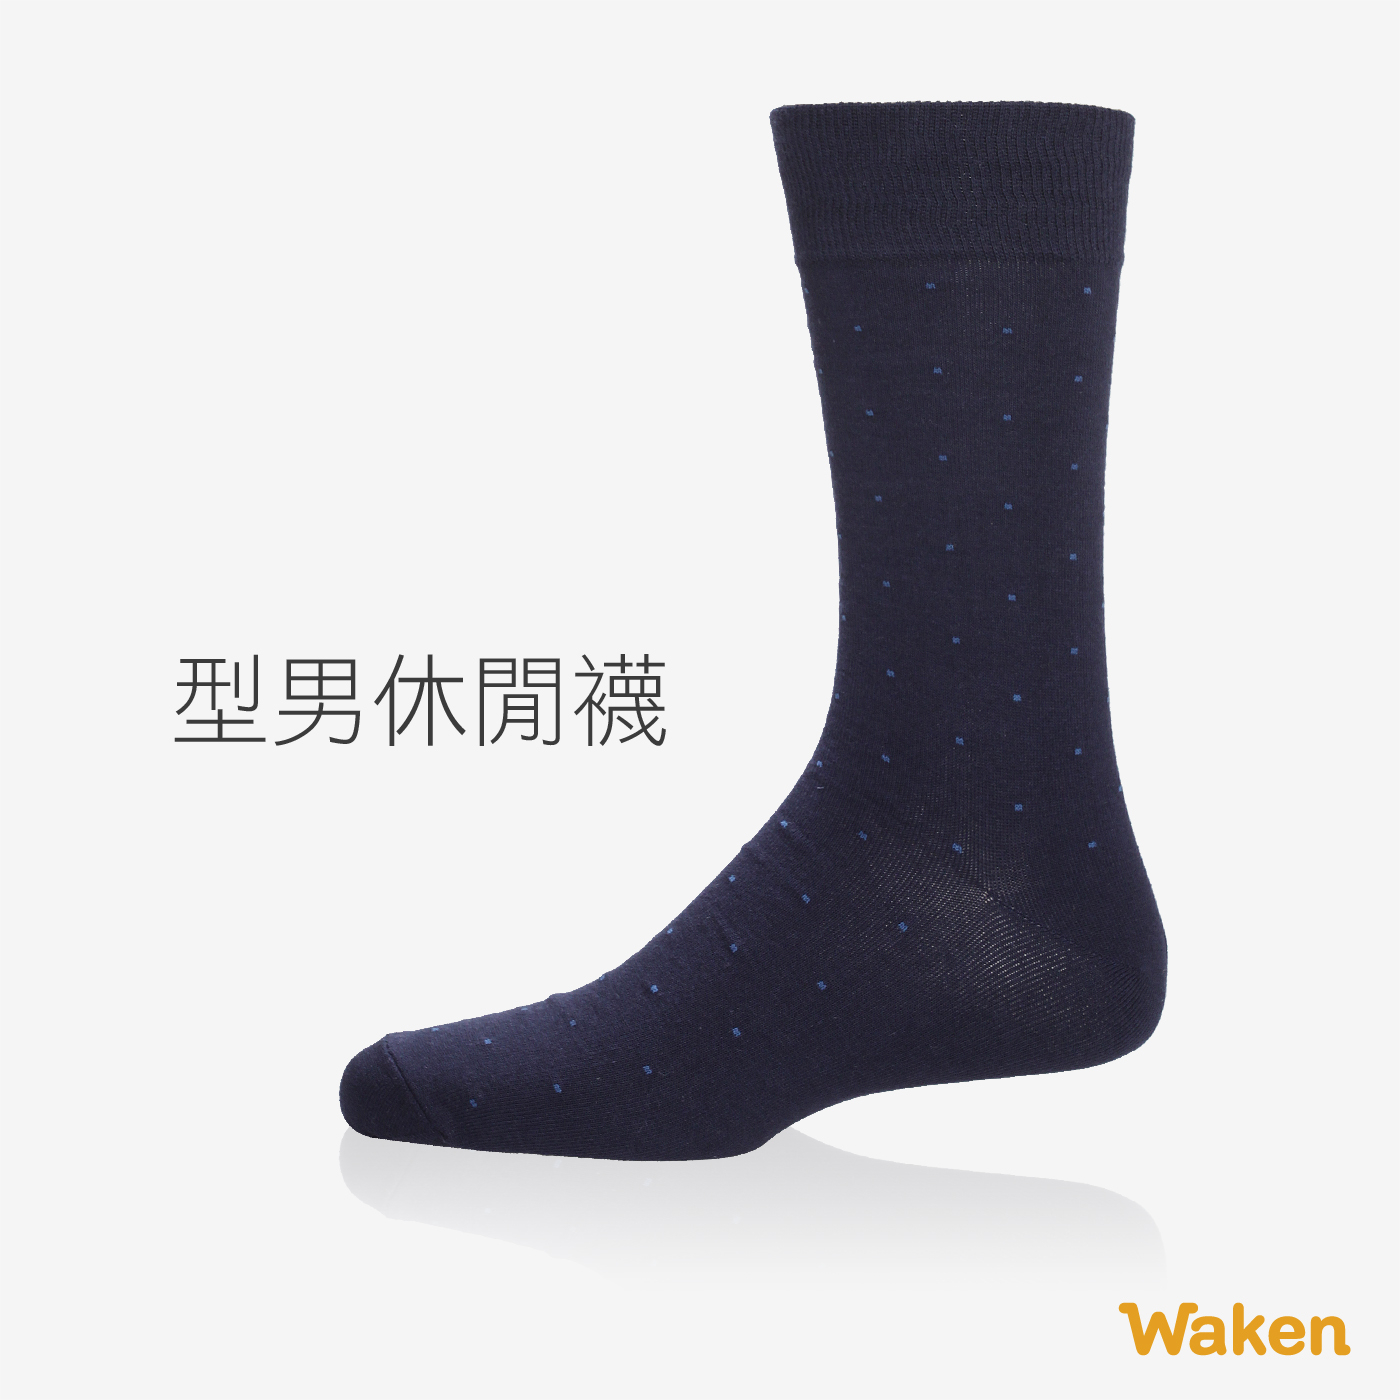 Waken  精梳棉萊卡中筒圓點休閒襪 / 丈青 / 男款